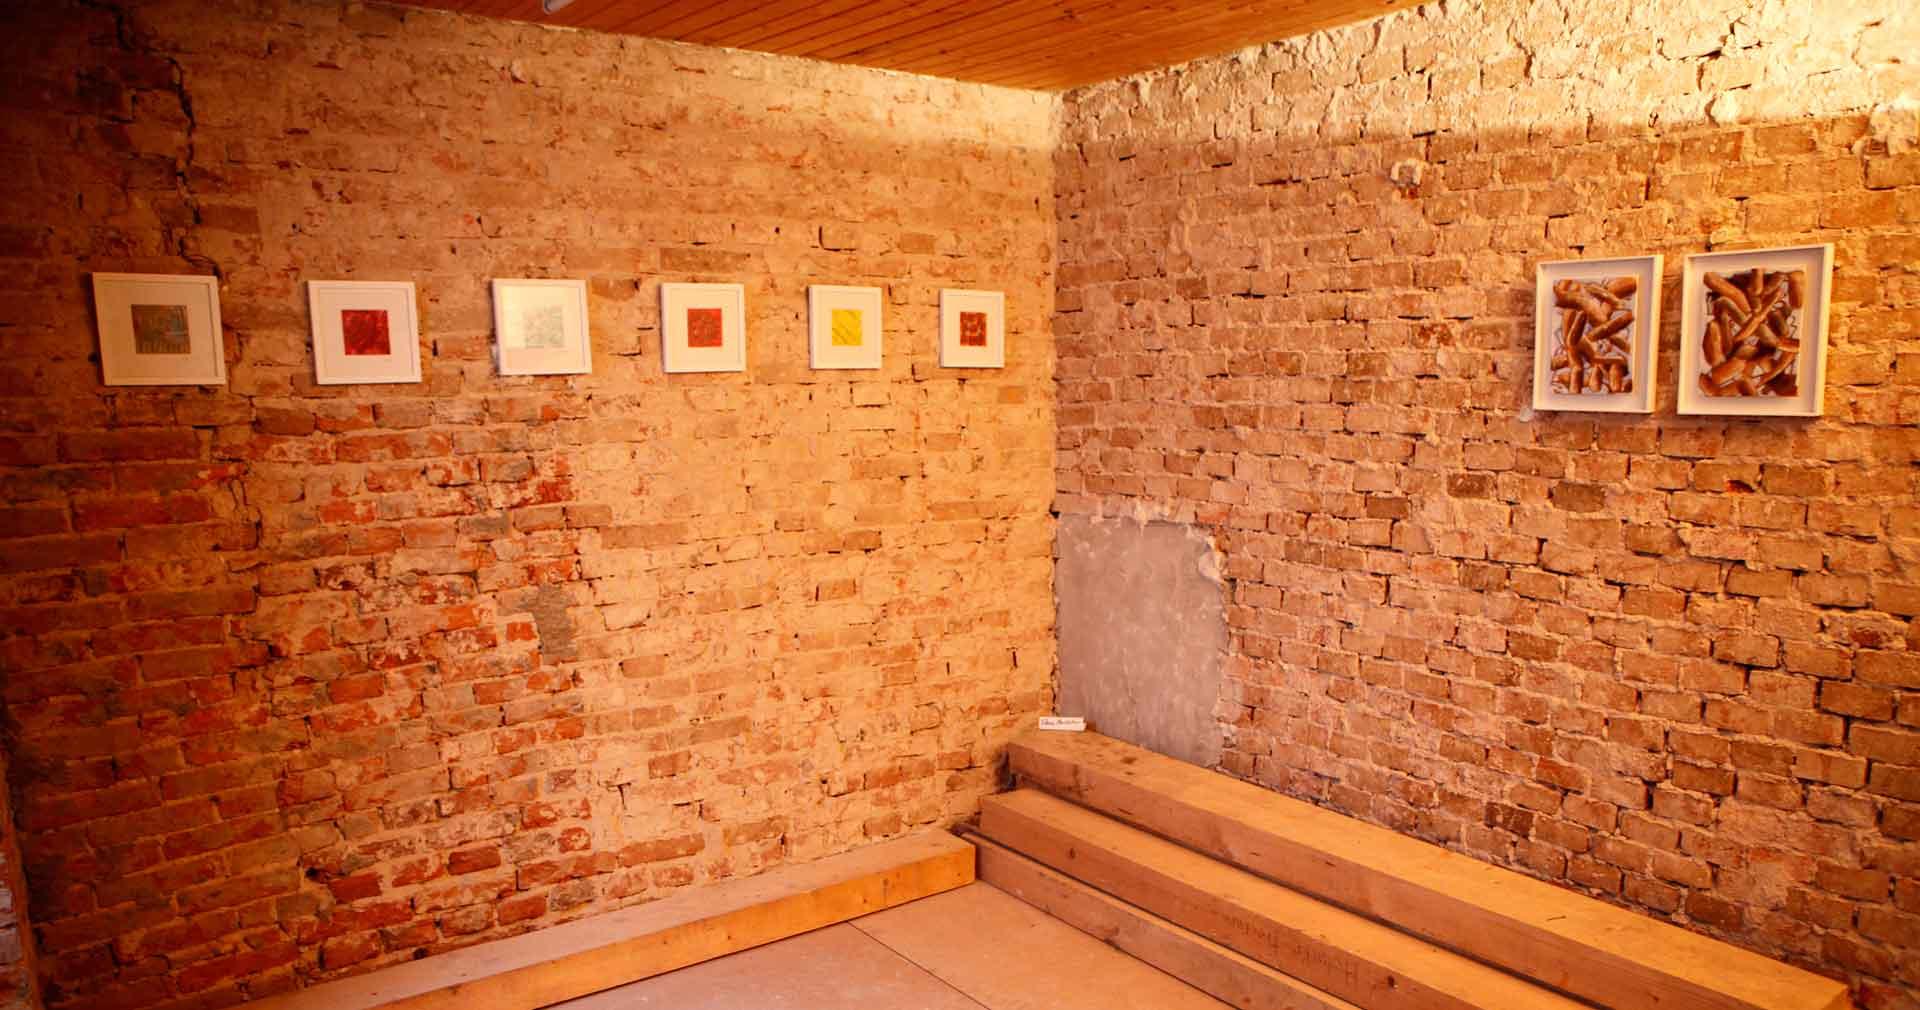 Kund in der Immobilie 4(c)Christoph Breithaupt